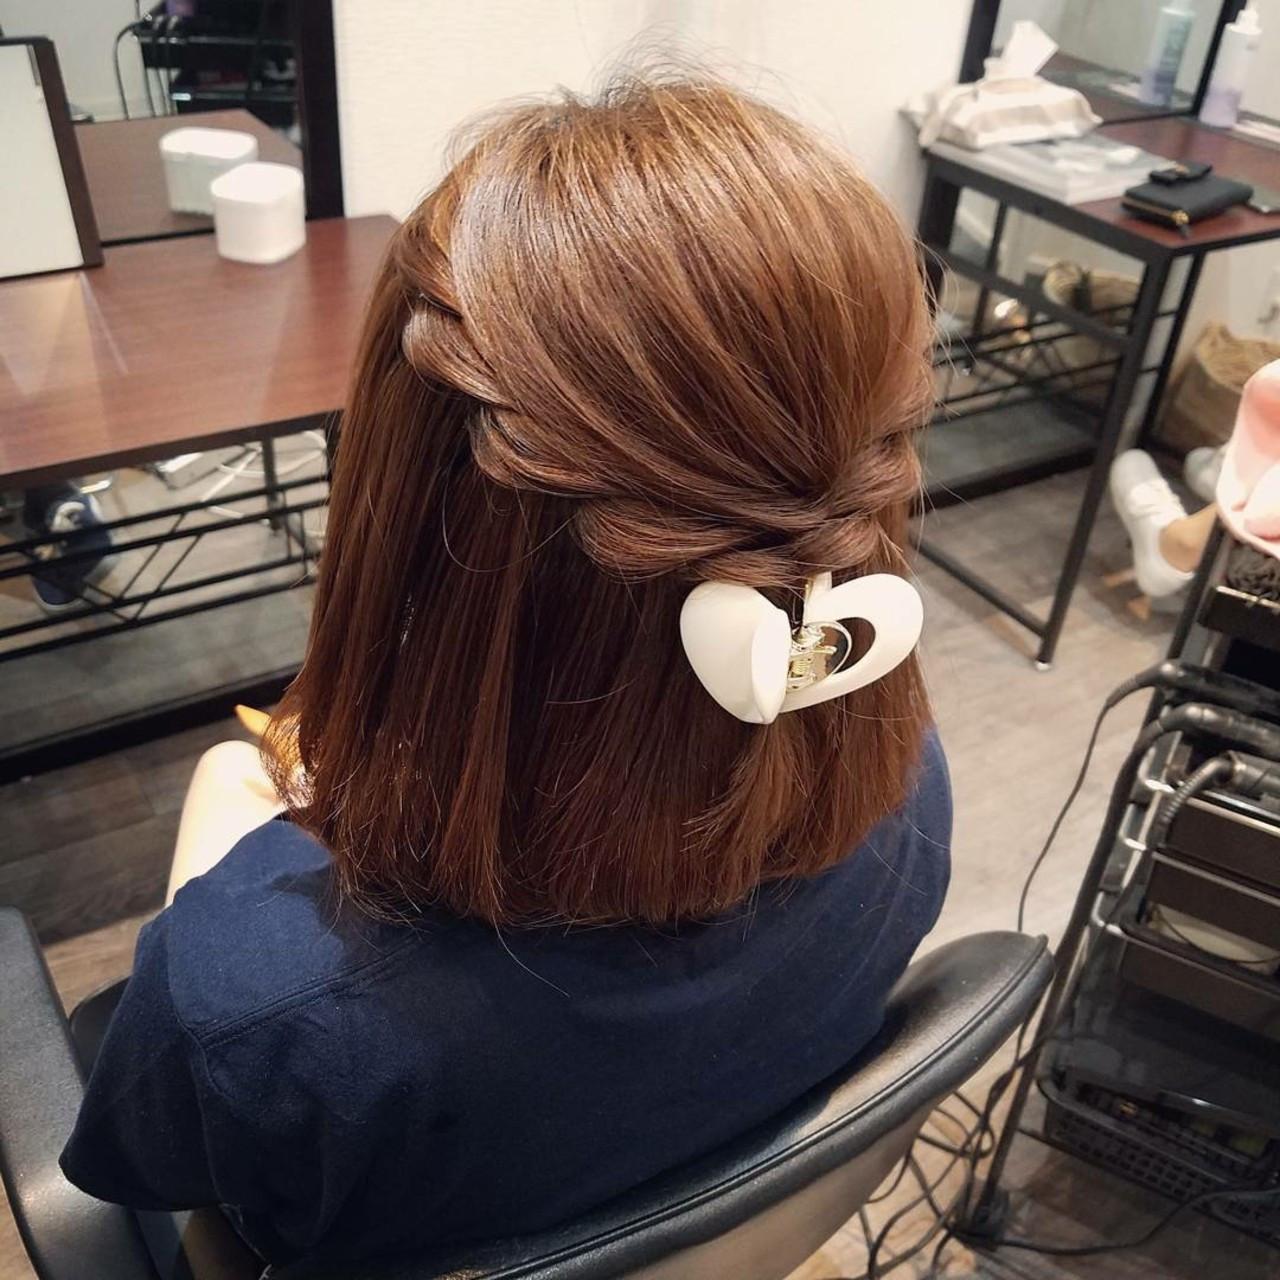 ナチュラル ヘアアレンジ ボブ ハーフアップ ヘアスタイルや髪型の写真・画像